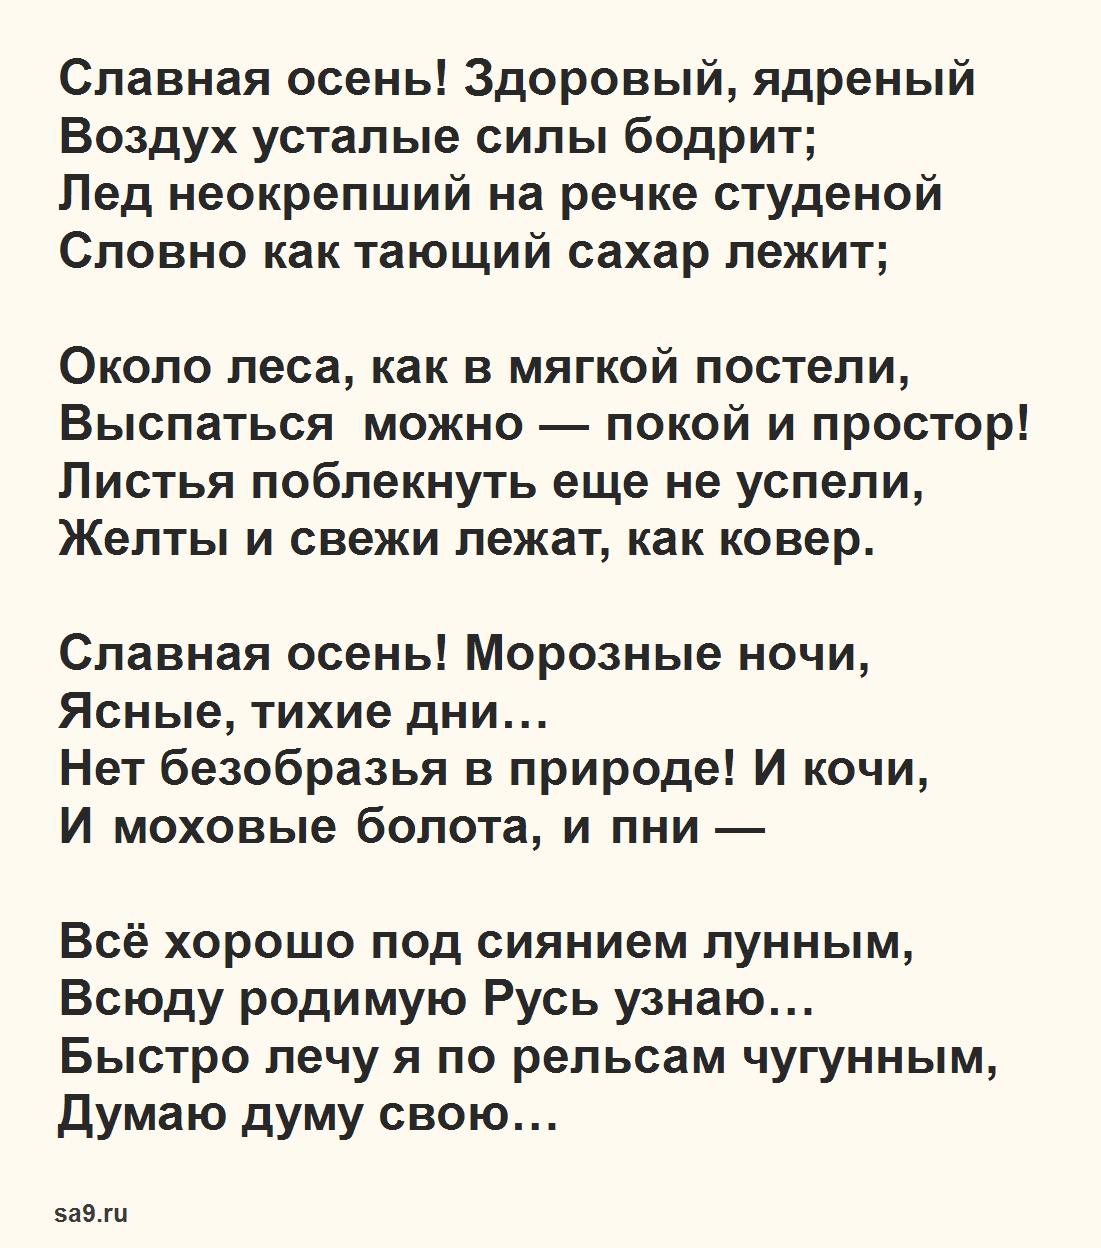 Стихи для школьников, Некрасов - Славная осень, 4 класс